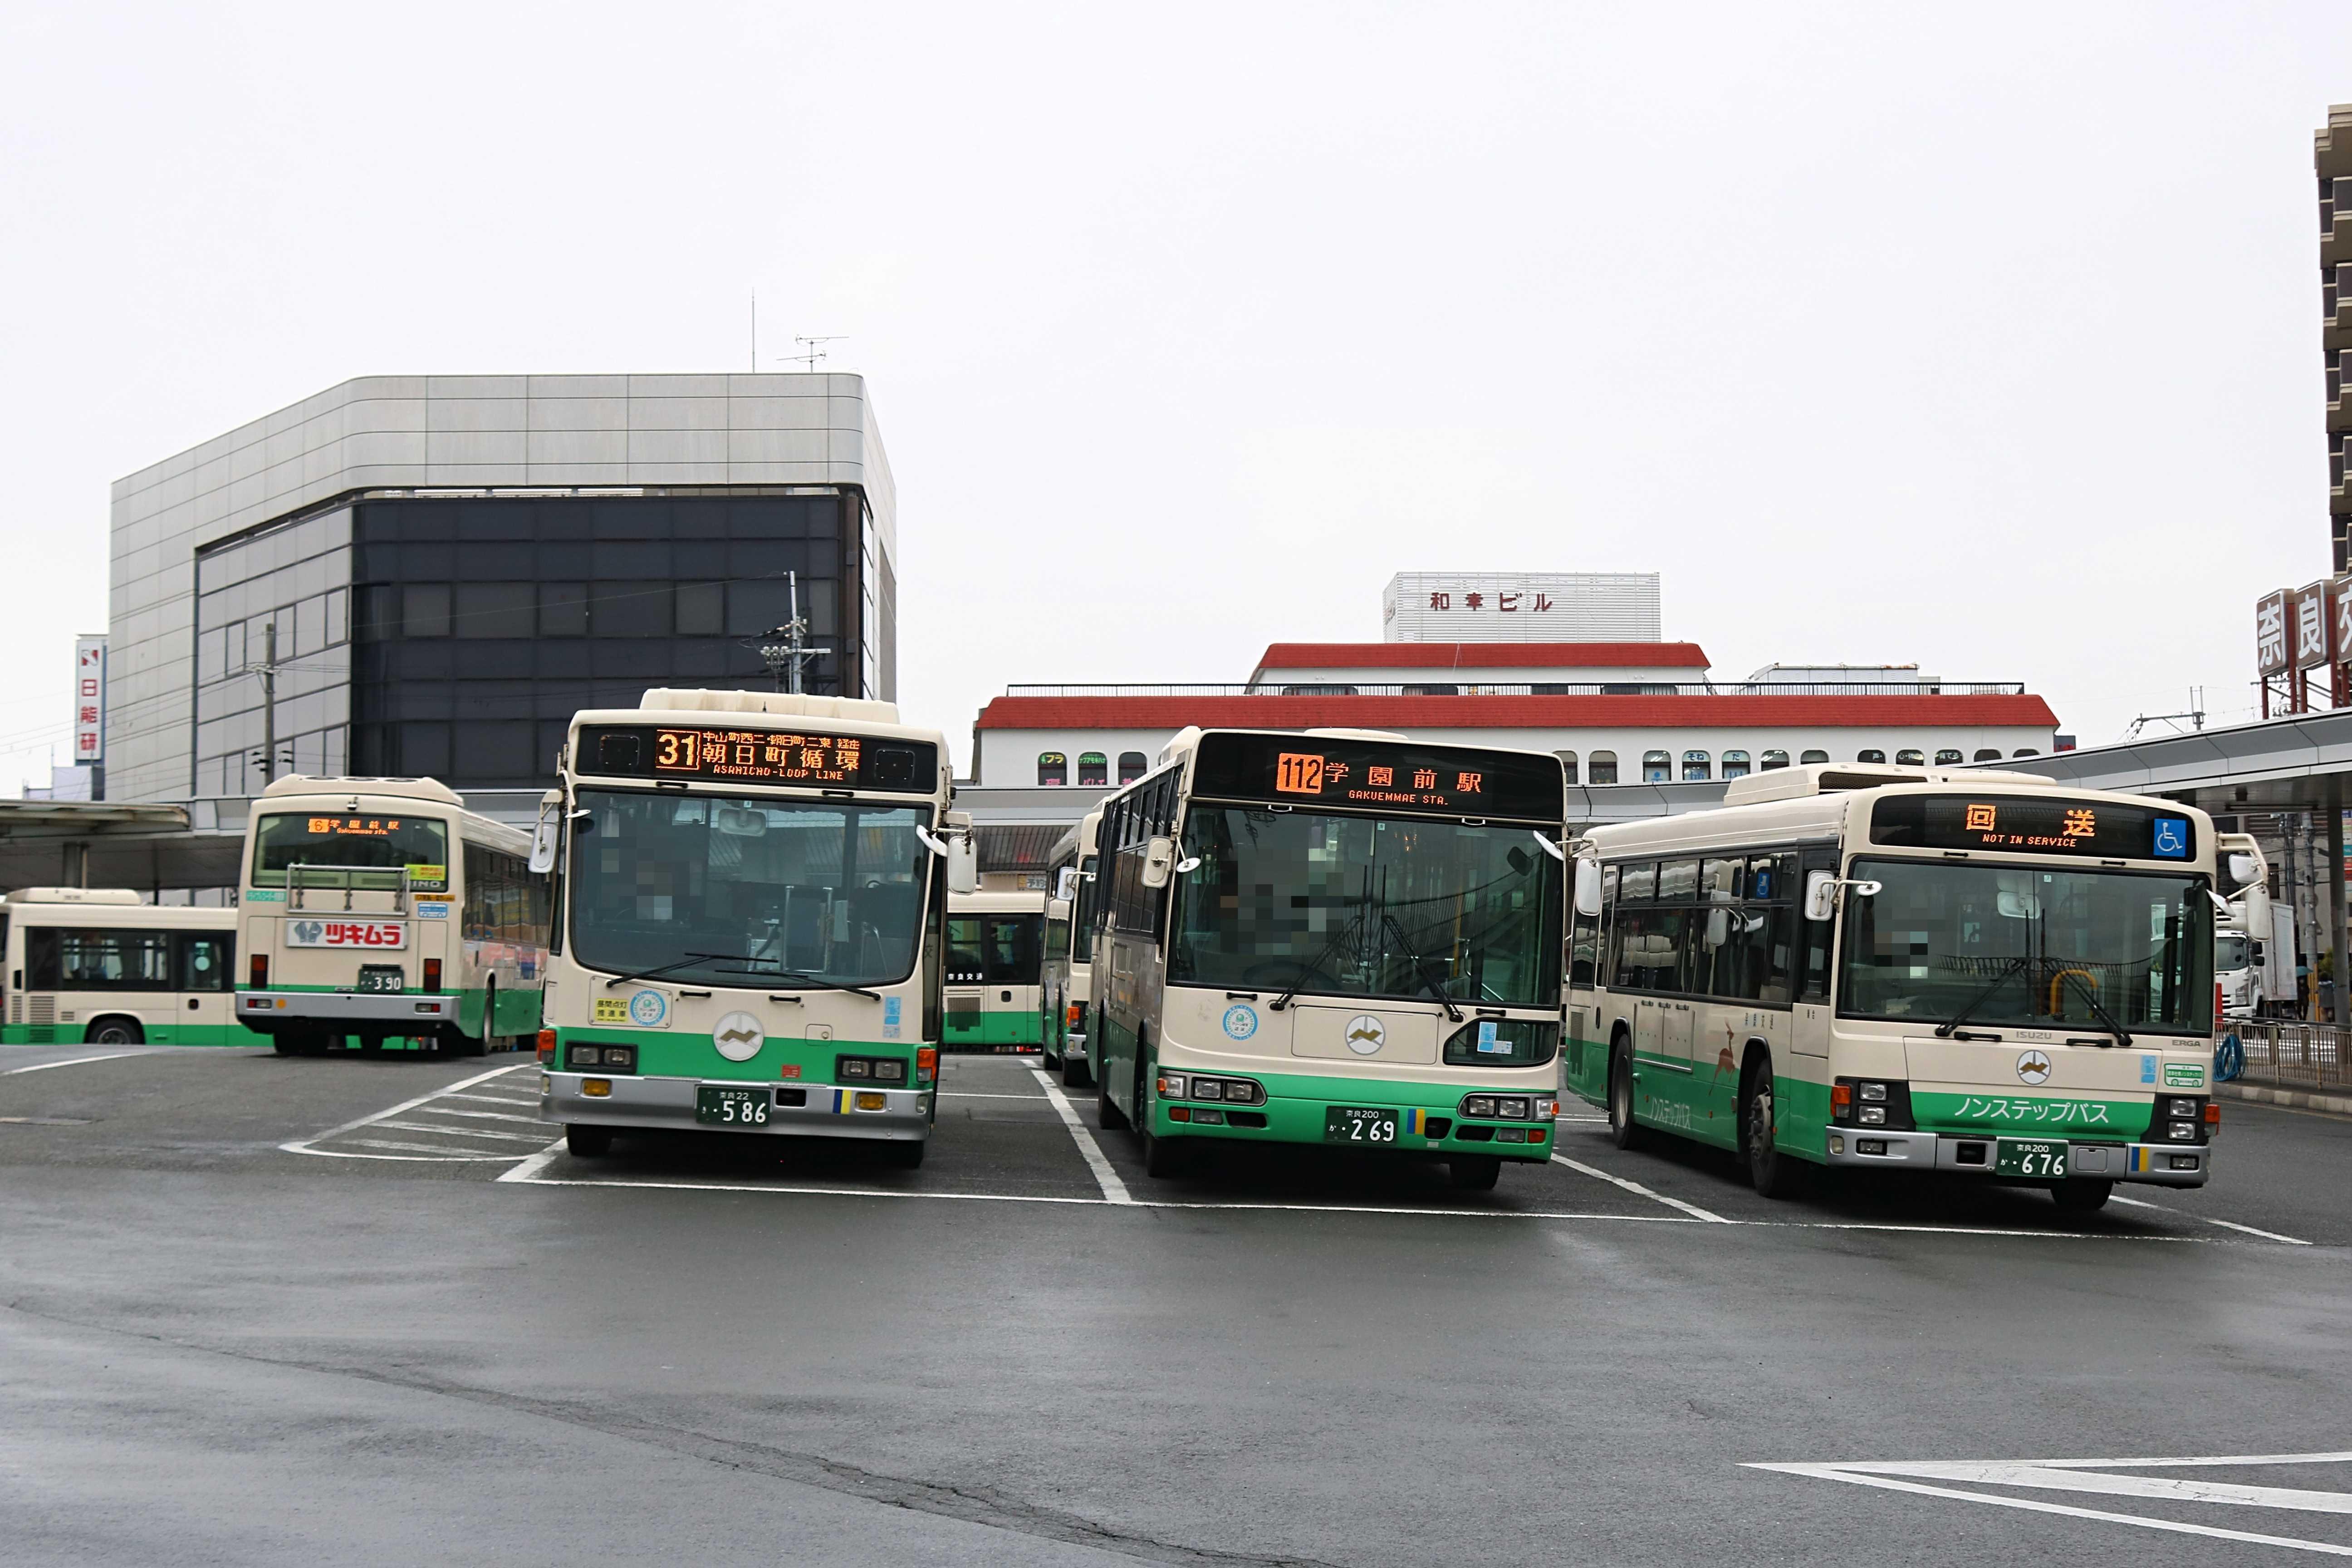 関空 リムジン バス 奈良